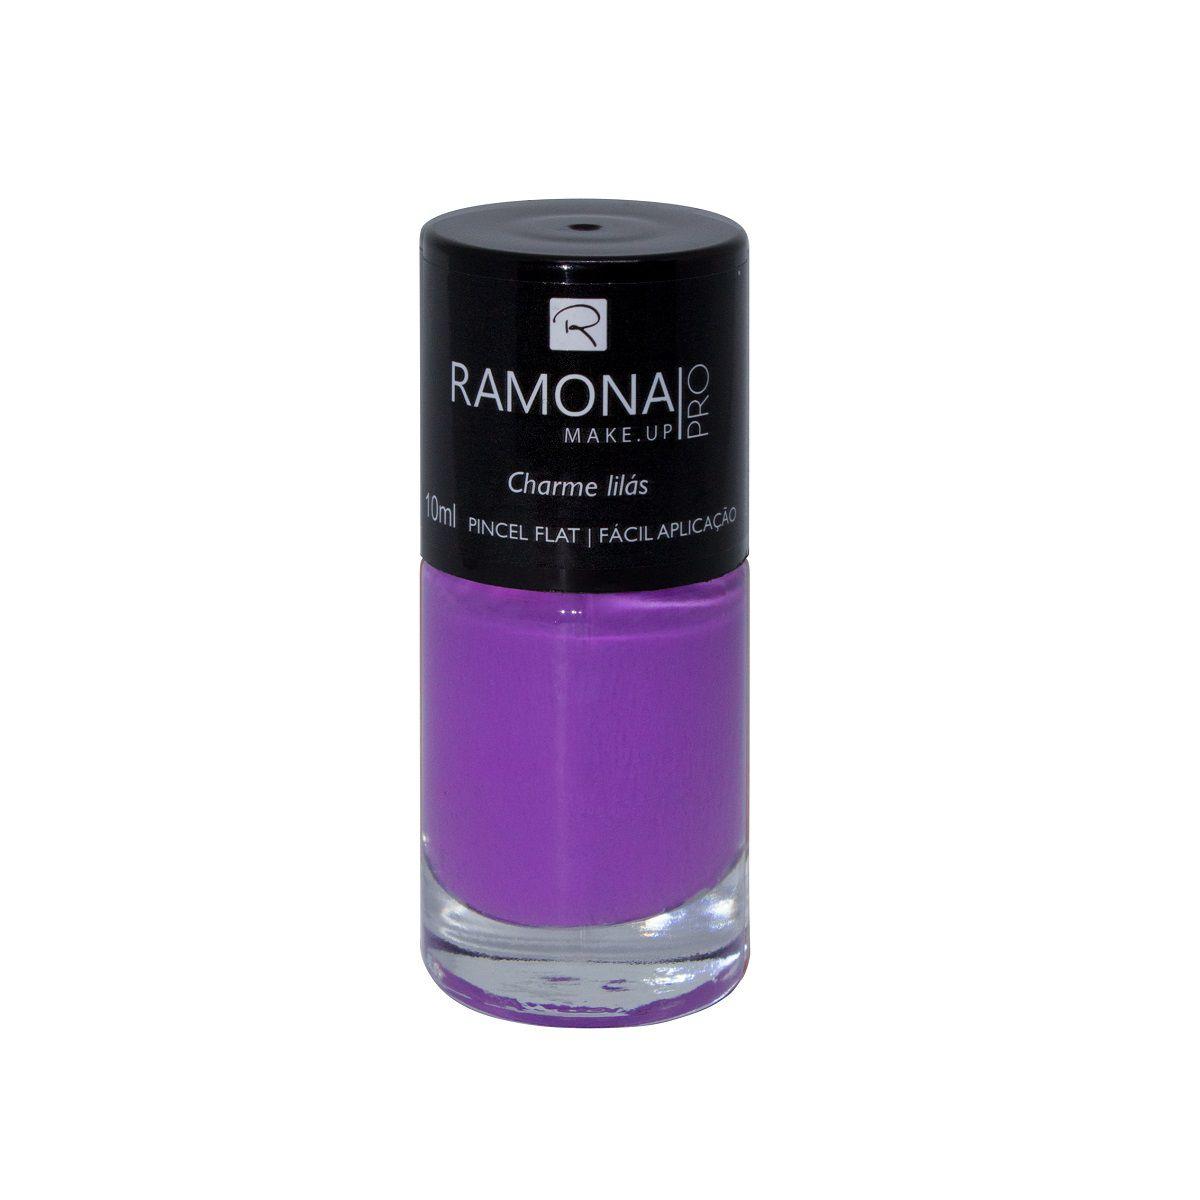 Esmalte cremoso Ramona Cosméticos Charme lilás 10ml